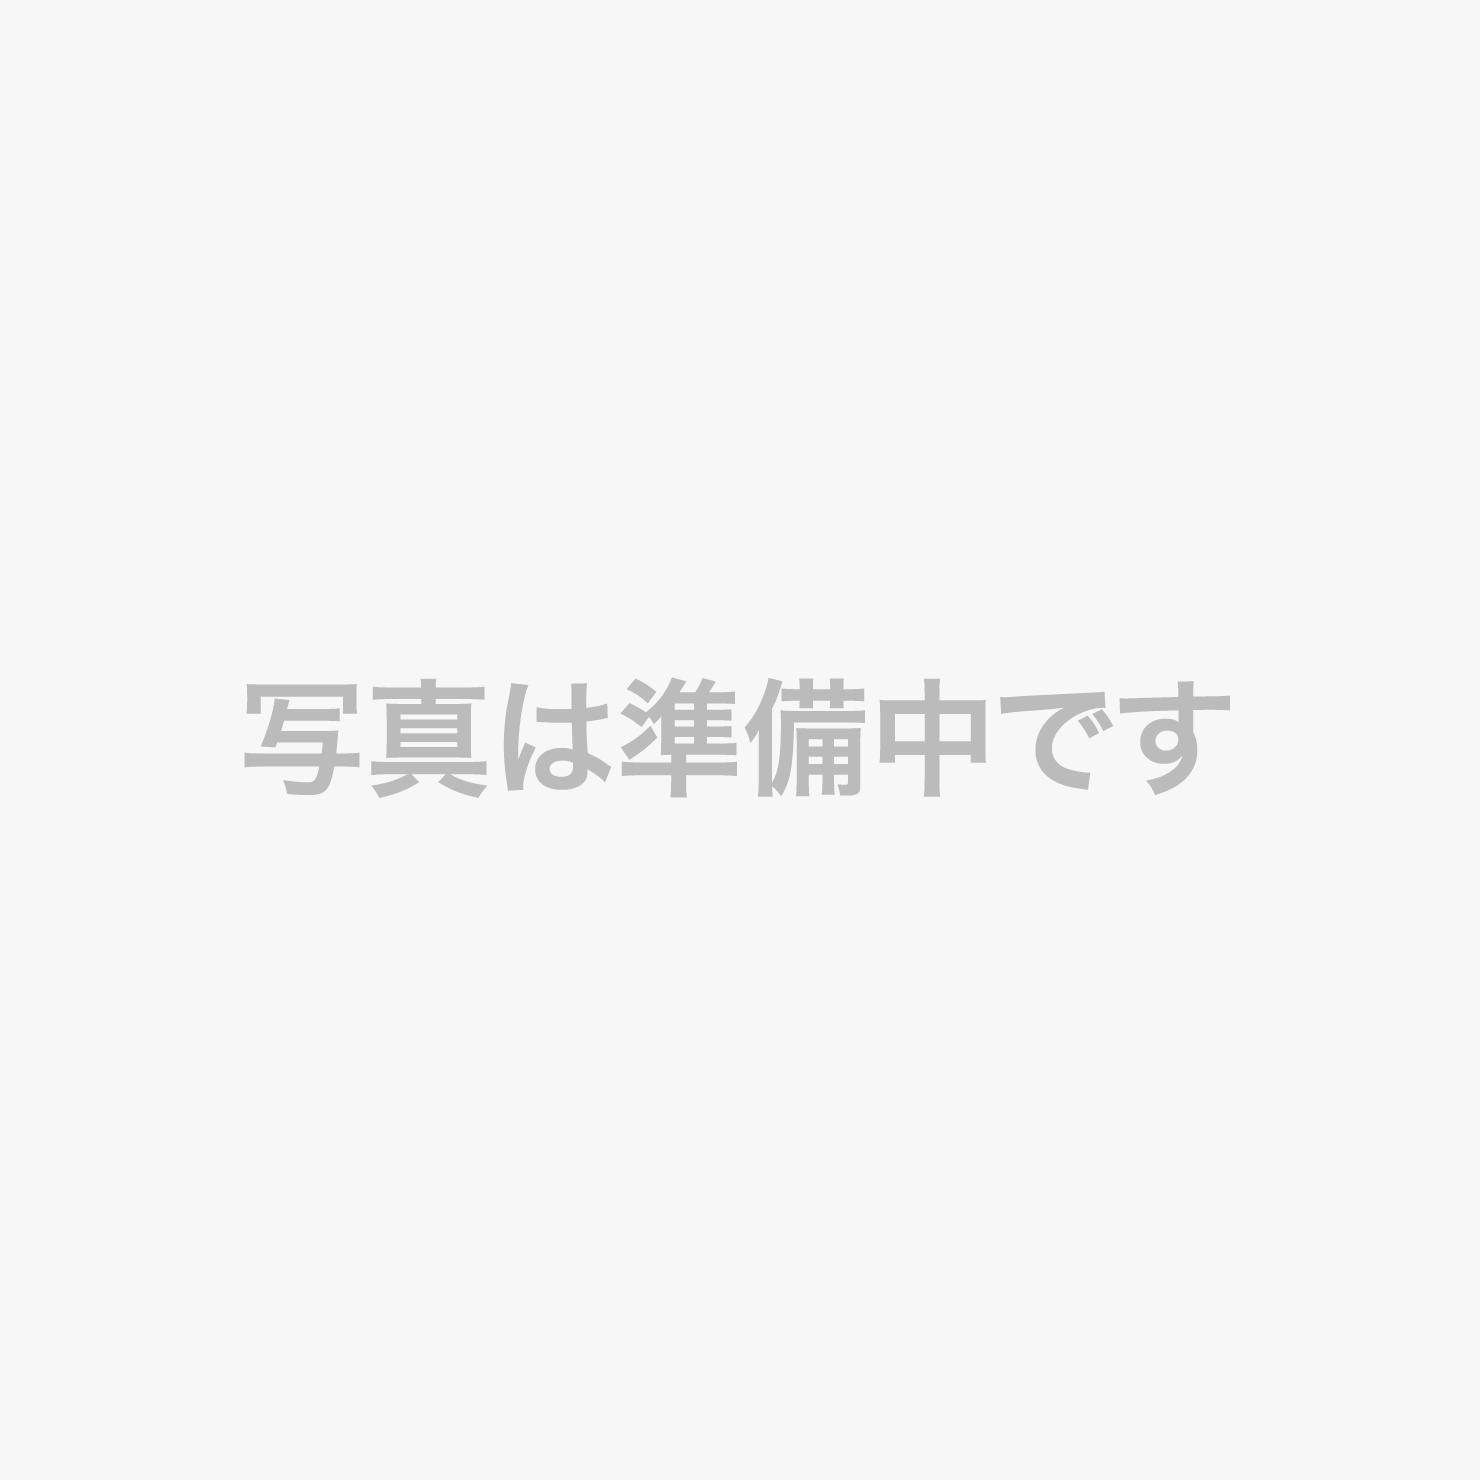 1000円で162タイトル見放題のアパルームシアターです。